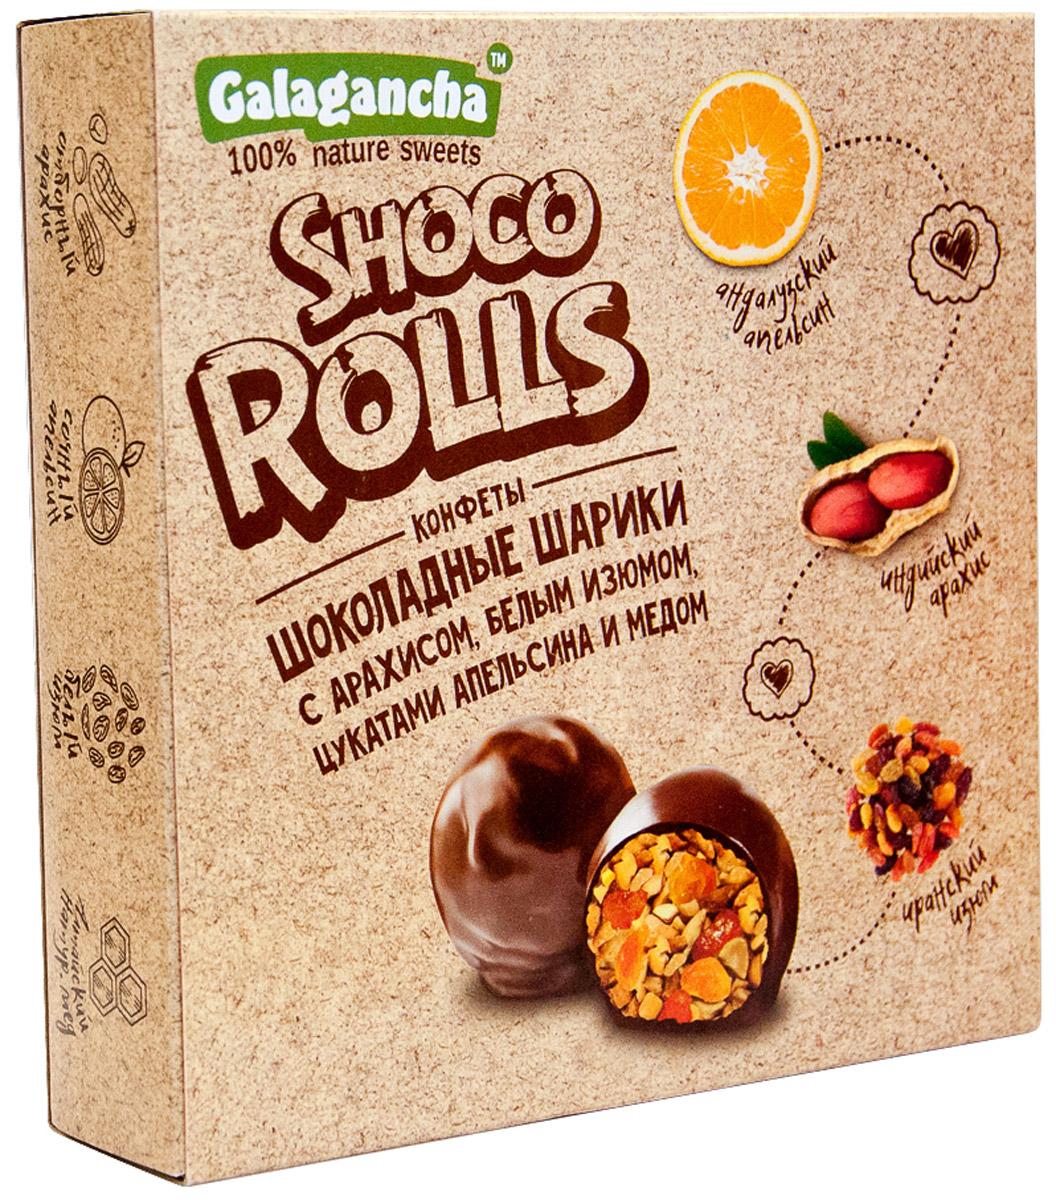 Galagancha Shoco Rolls мягкий грильяж с арахисом, 135 го0000007710100% натуральные; сниженное содержание сахара; ручная работа; идеально обжаренный арахис в сочетании с цедрой апельсина и белым вяленым виноградом; Galagancha - может быть превосходным подарком, а может быть приятными минутами домашнего вечера, а может быть … Мы не описываем вкус, ведь доверять нужно только тому, что чувствуешь сам. Попробуйте - не пожалеете. Уважаемые клиенты! Обращаем ваше внимание, что полный перечень состава продукта представлен на дополнительном изображении.